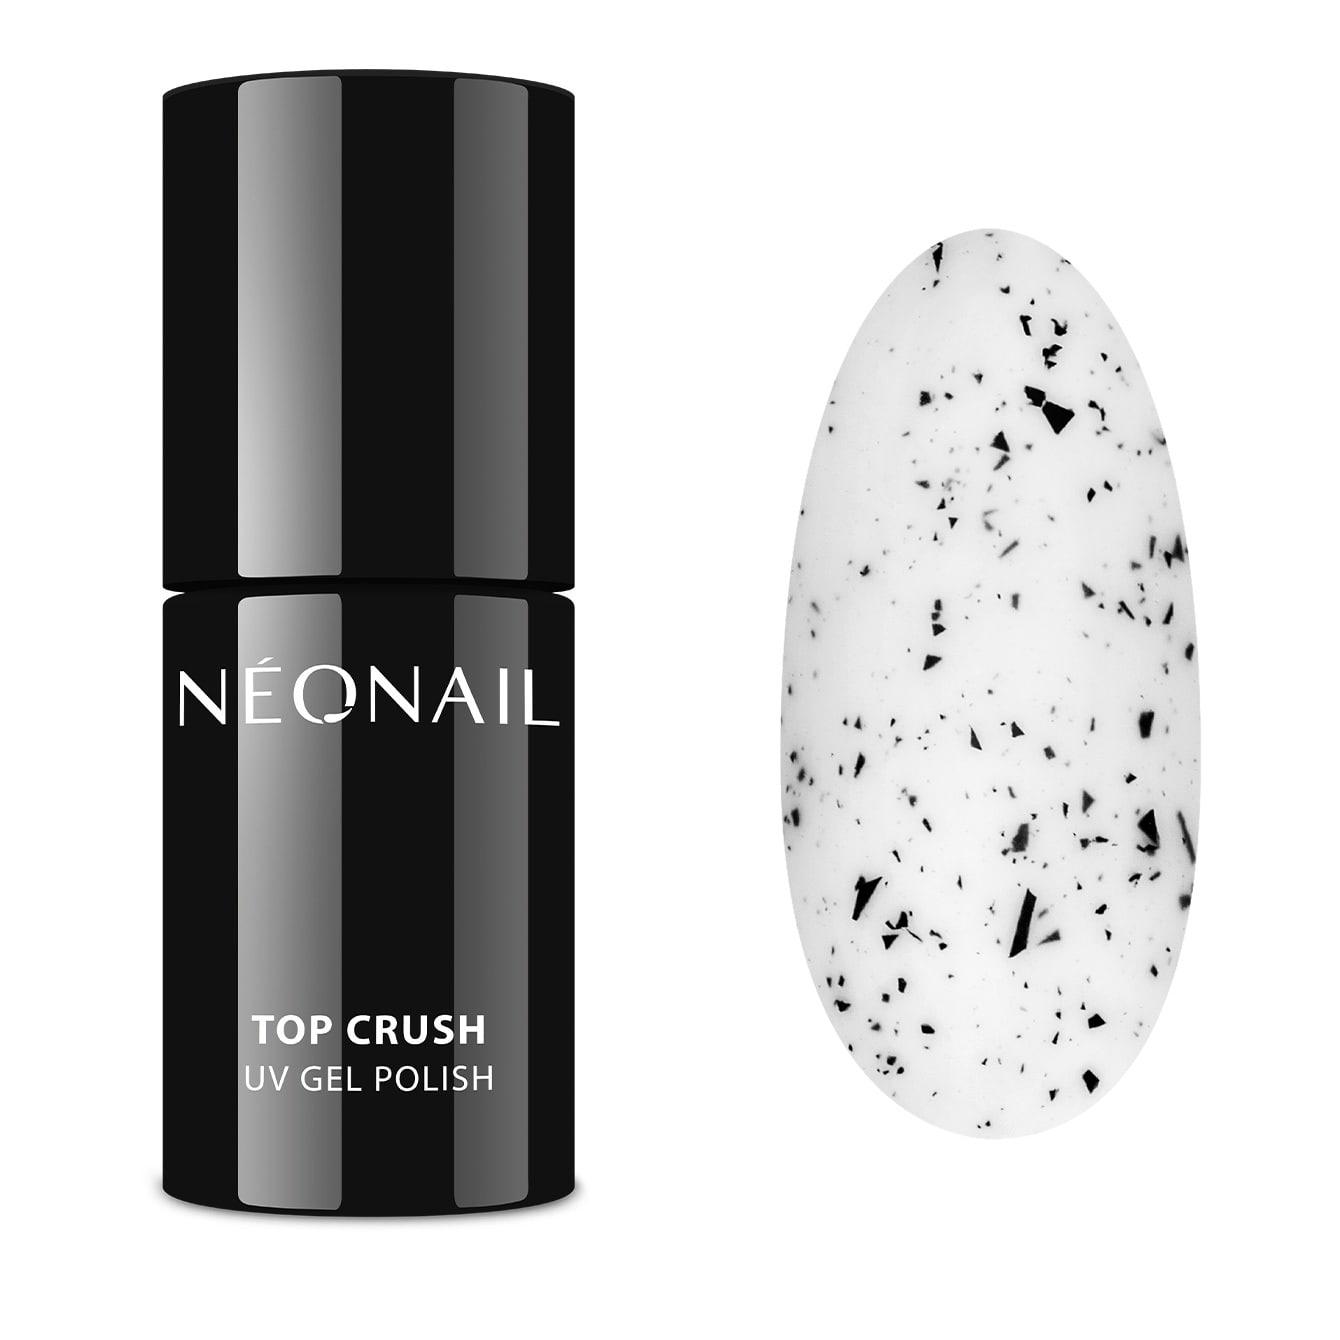 top crush neonail